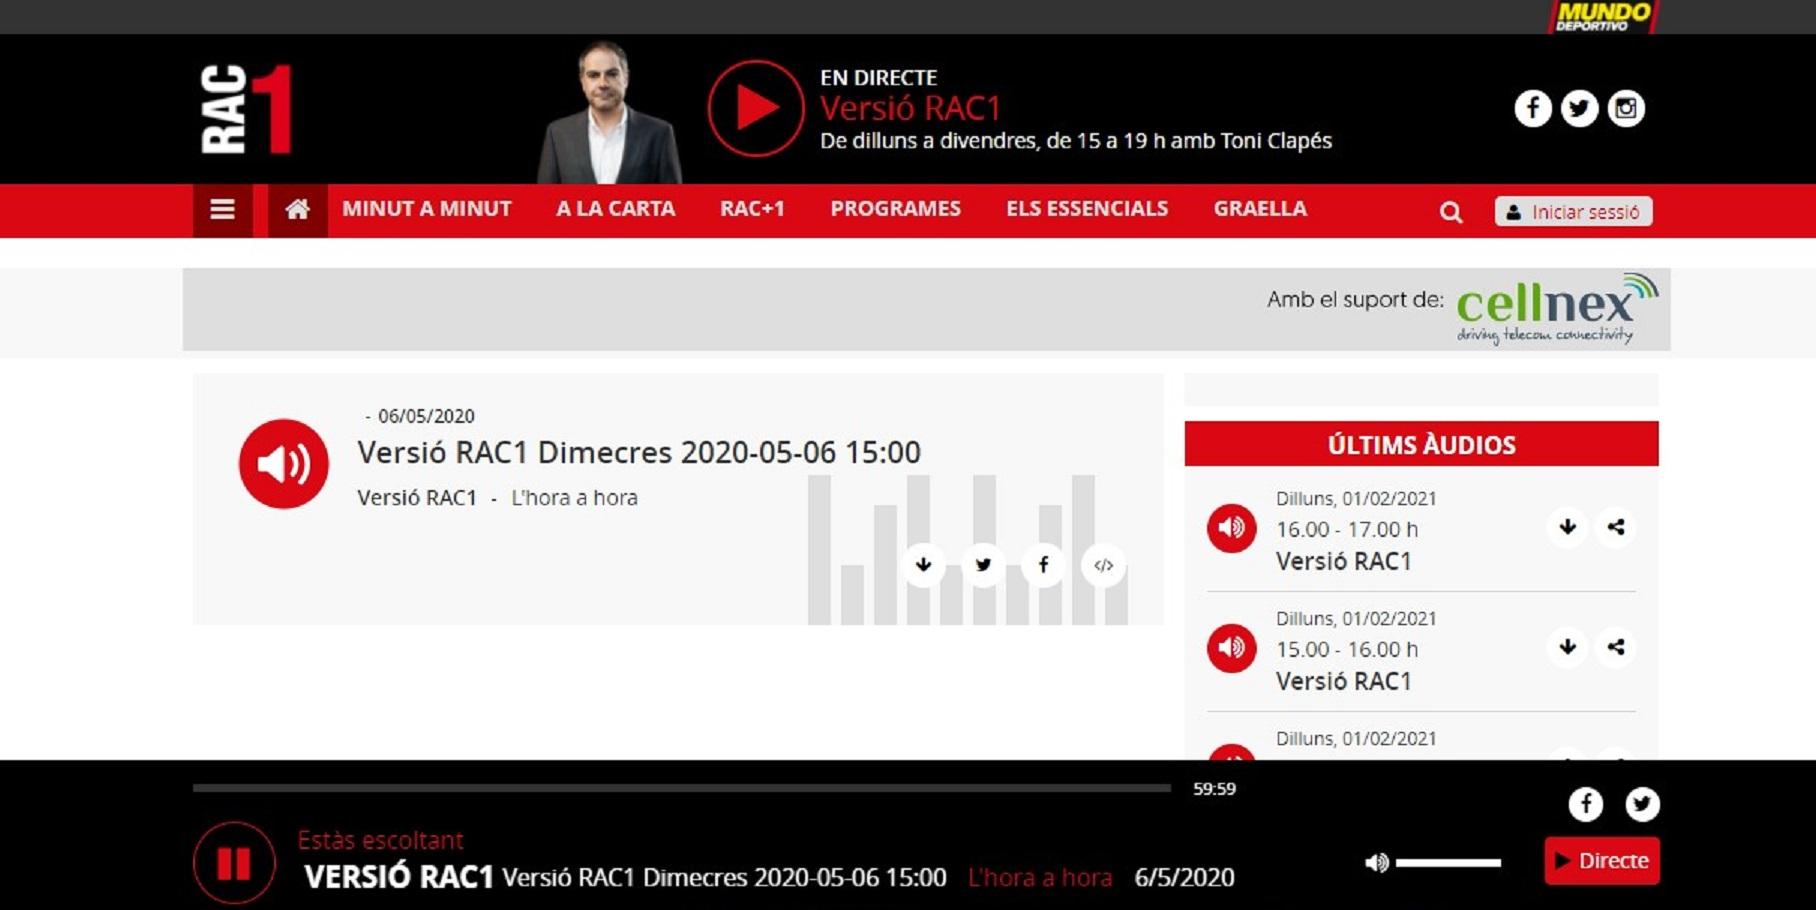 """Periodista Carlos Mesa en el programa """"Ocio Digital"""" de RAC1 en el minuto 22'00 - 06/05/2020 gabinete de prensa"""